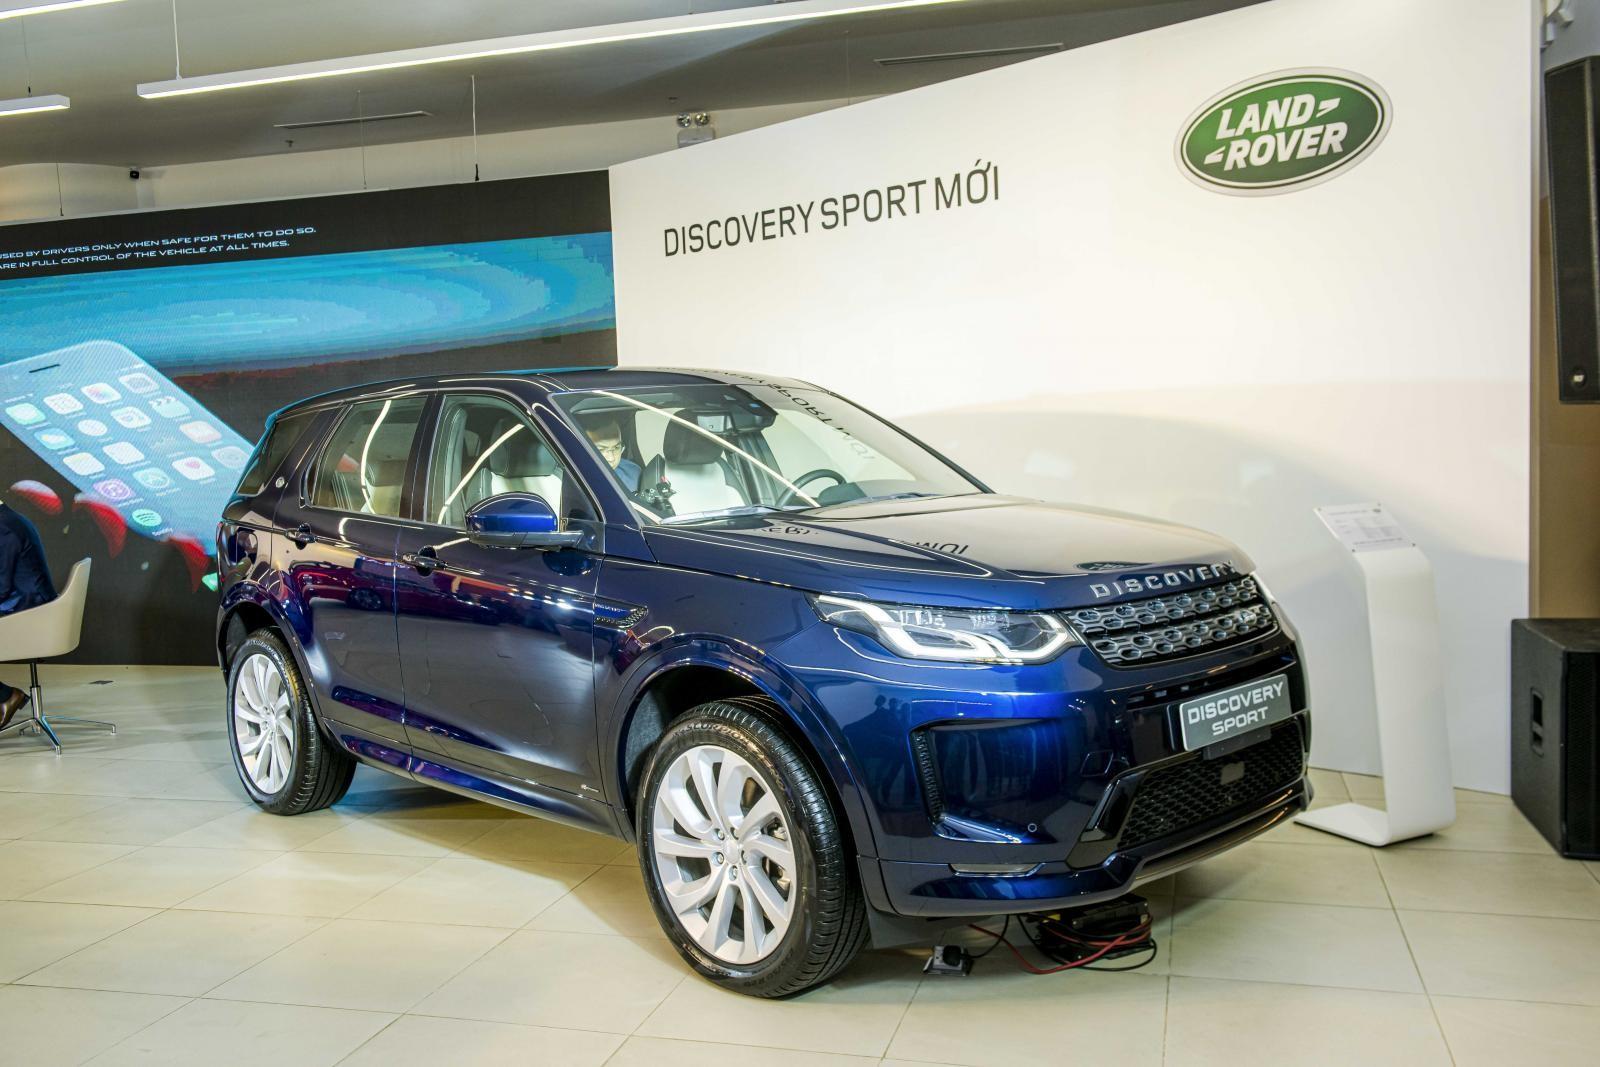 Land Rover Discovery Sport thế hệ mới ra mắt với 5 phiên bản